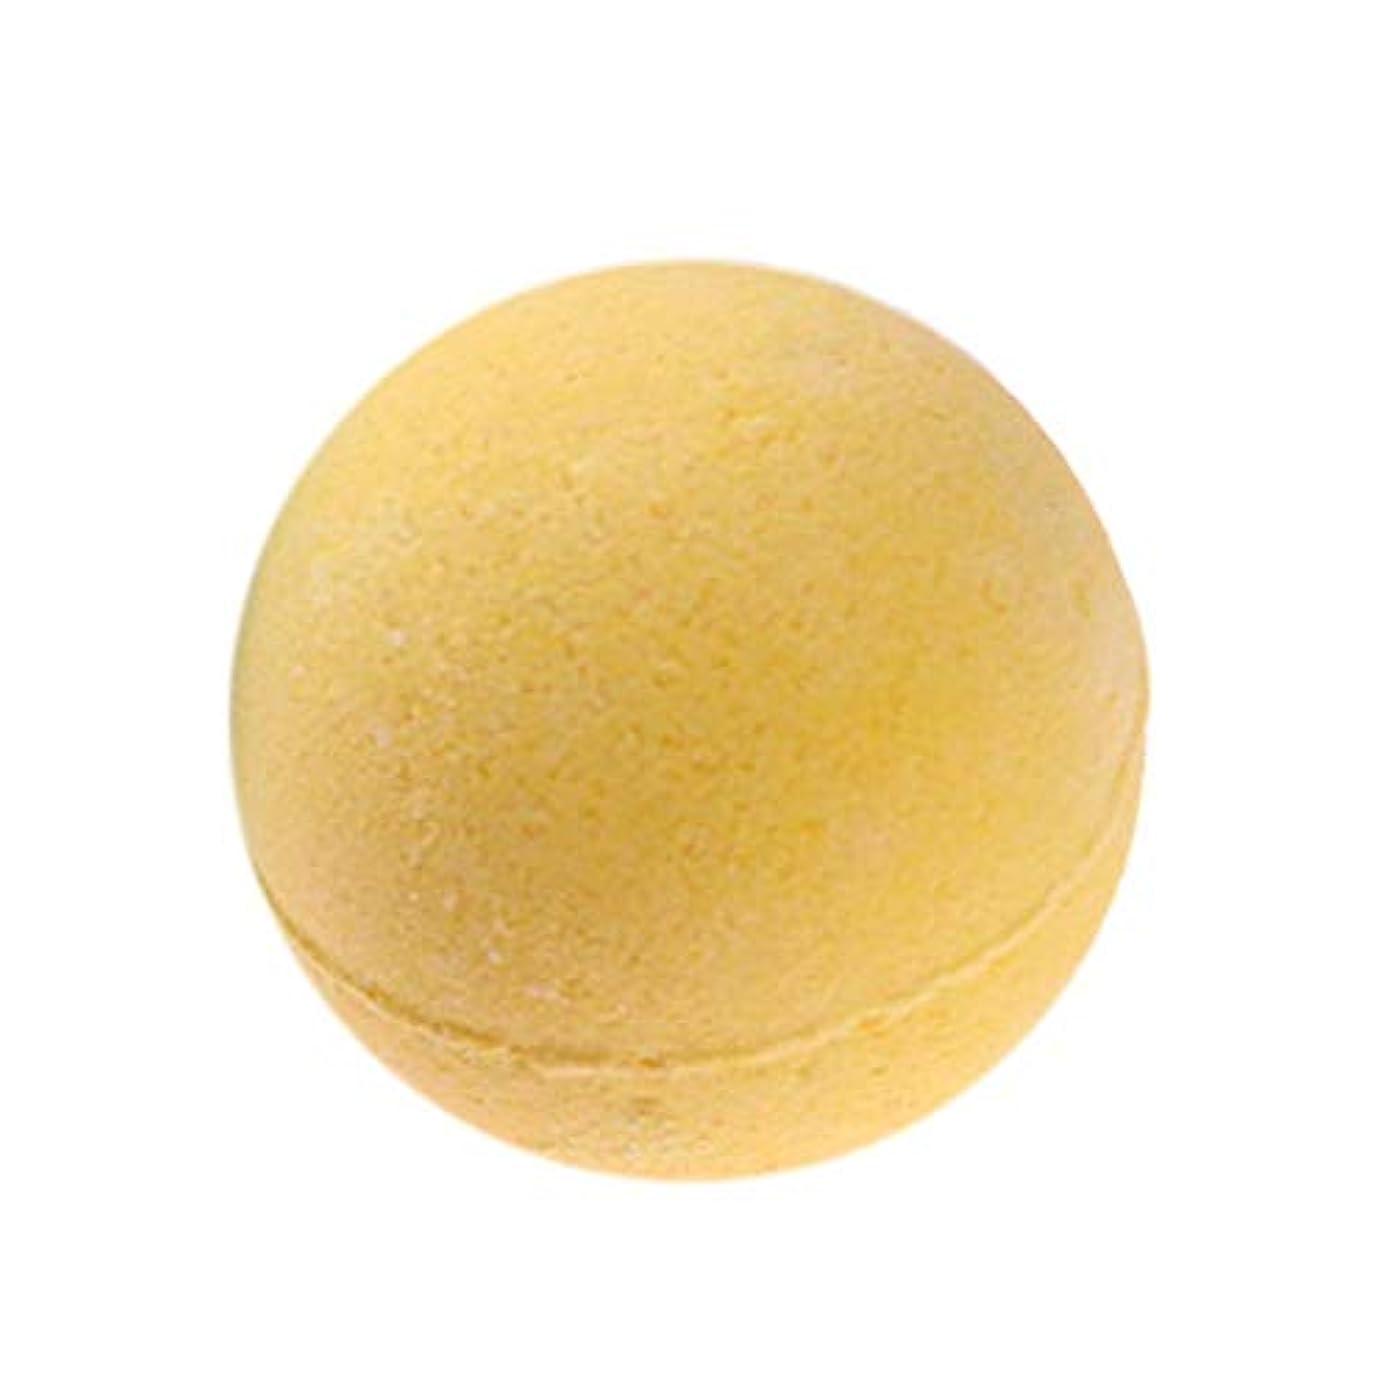 バスボール ボディスキンホワイトニング バスソルト リラックス ストレスリリーフ バブルシャワー 爆弾ボール 1pc Lushandy